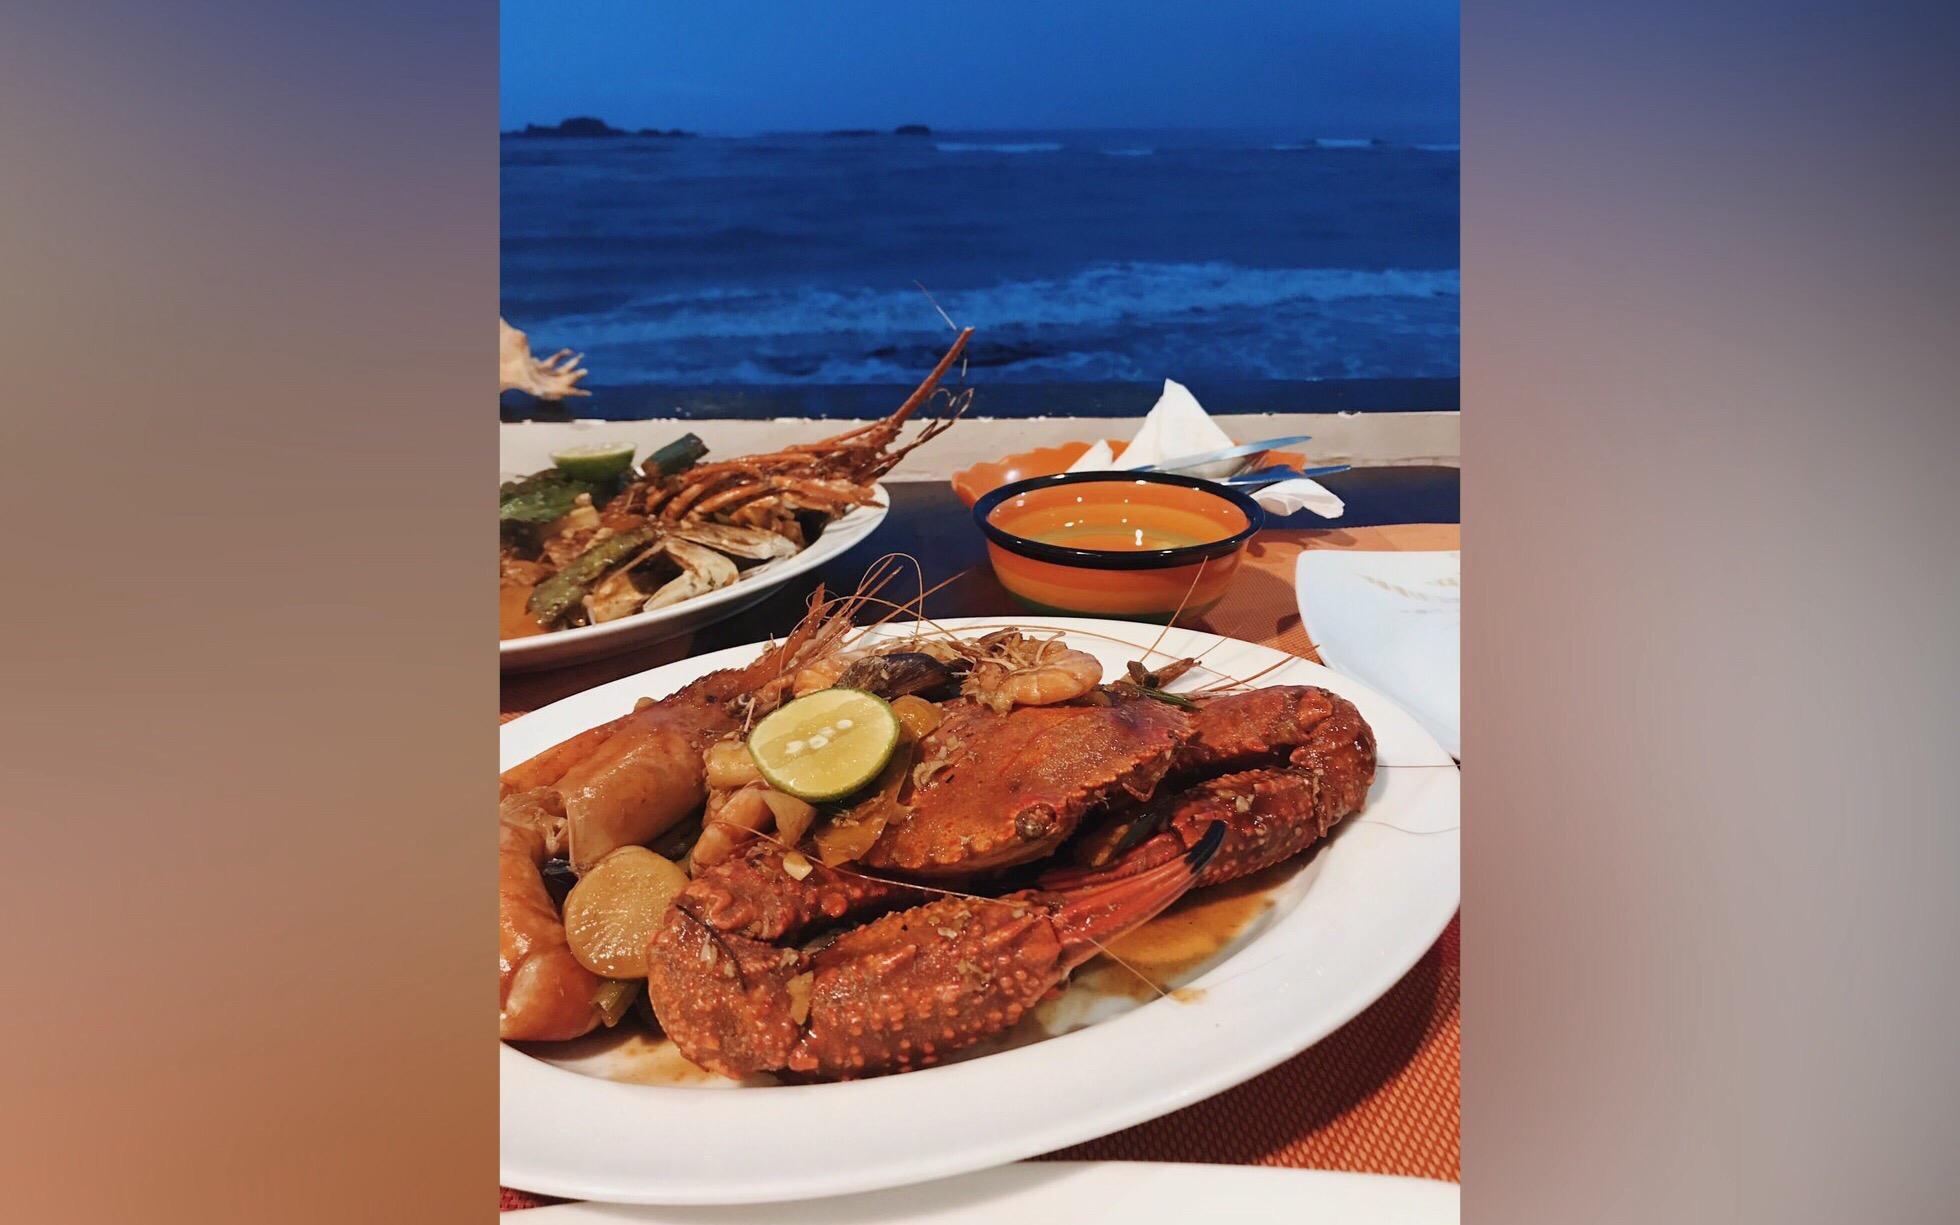 Типичный ужин в кафе на побережье Индийского океана. Будто картина, а не кадр, наспех снятый на телефон